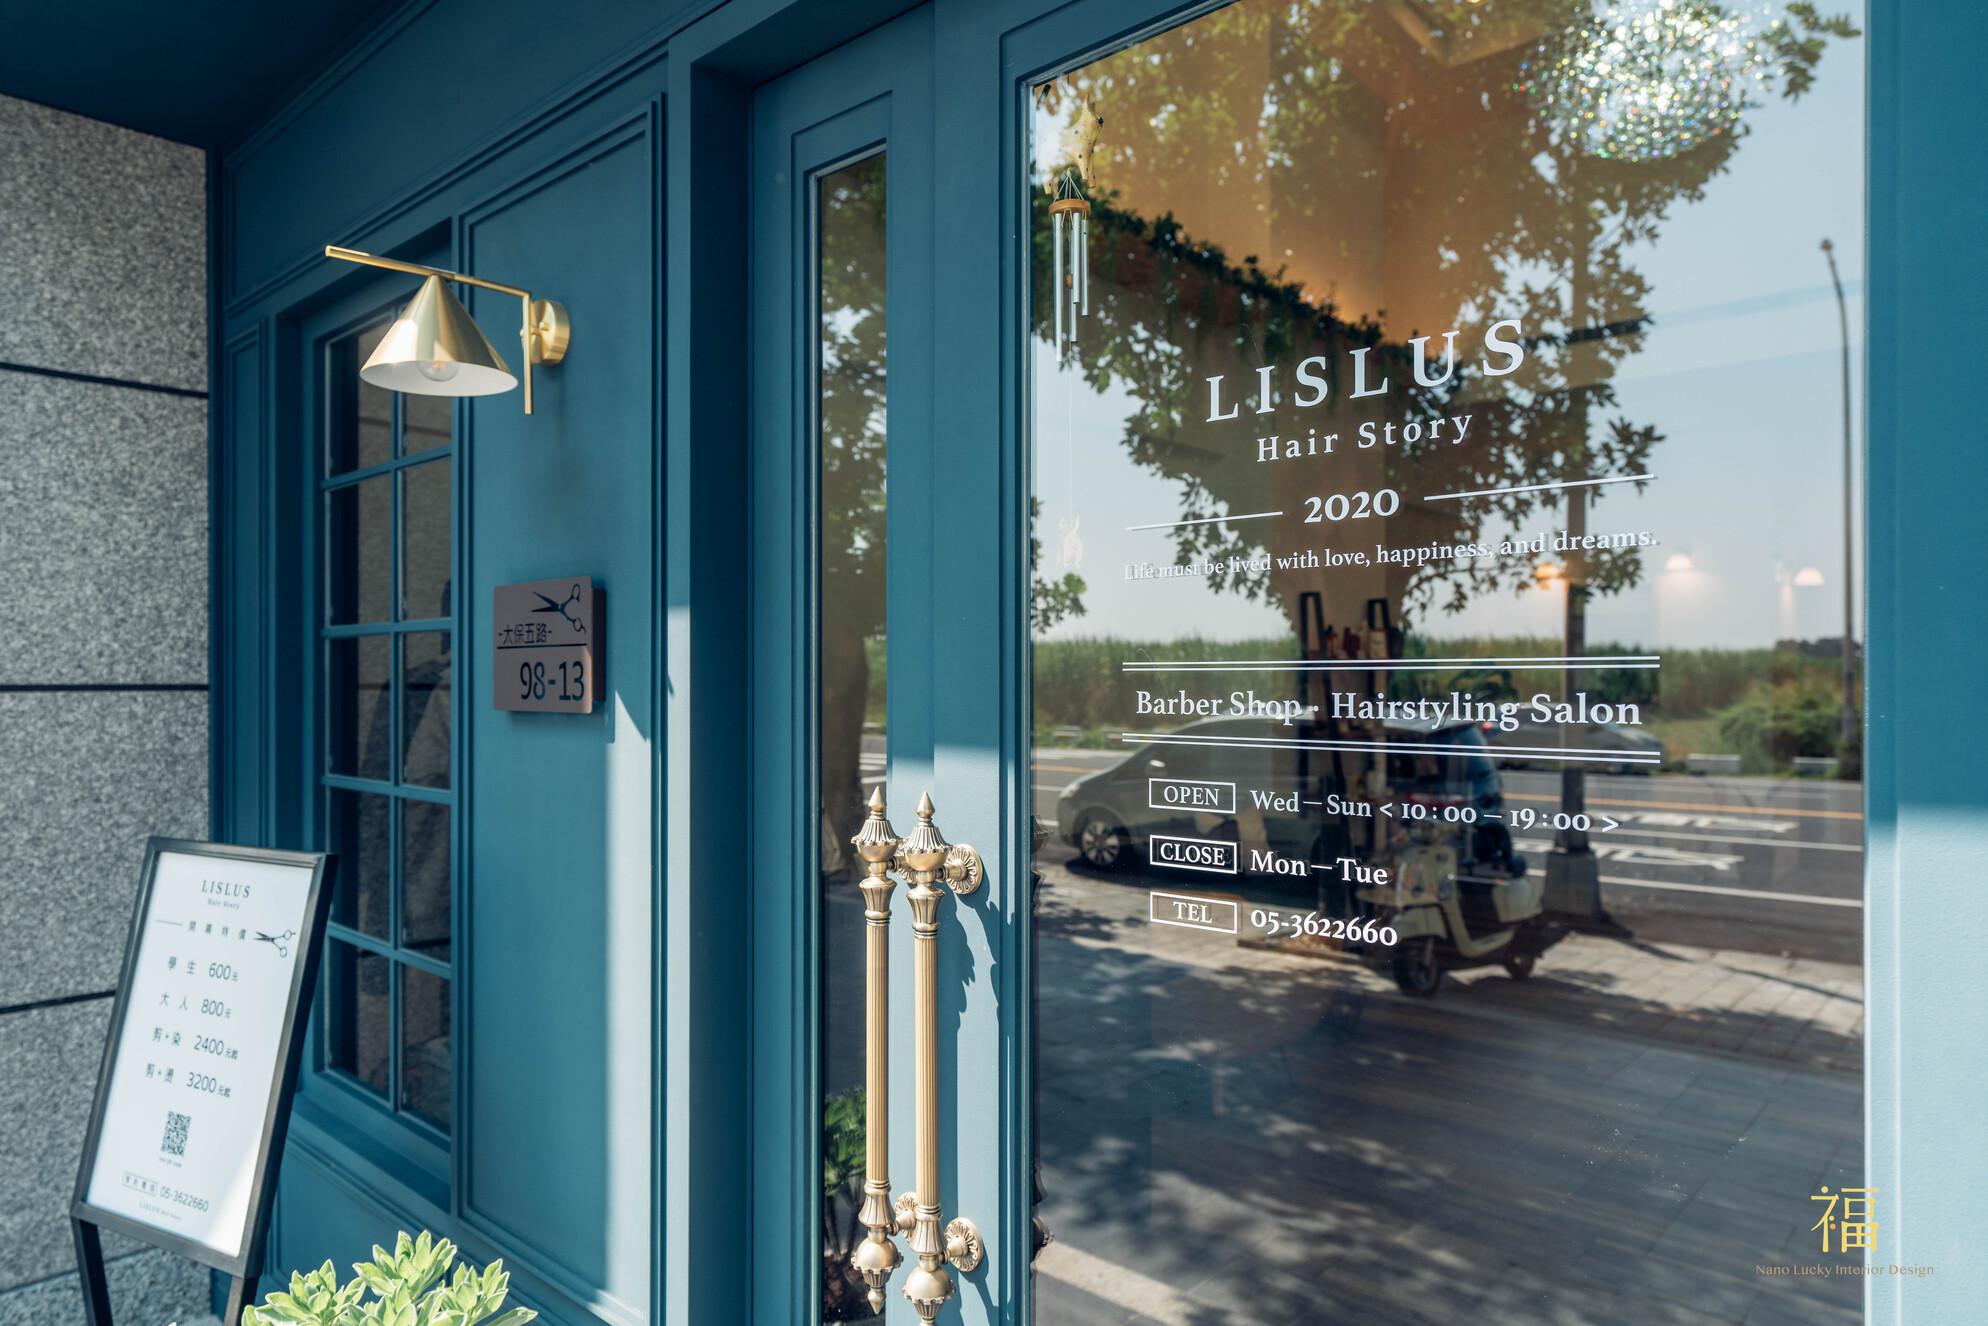 24嘉義太保日系髮廊lislushairsalonstory-日系店面|小福砌商業美髮沙龍空間設計